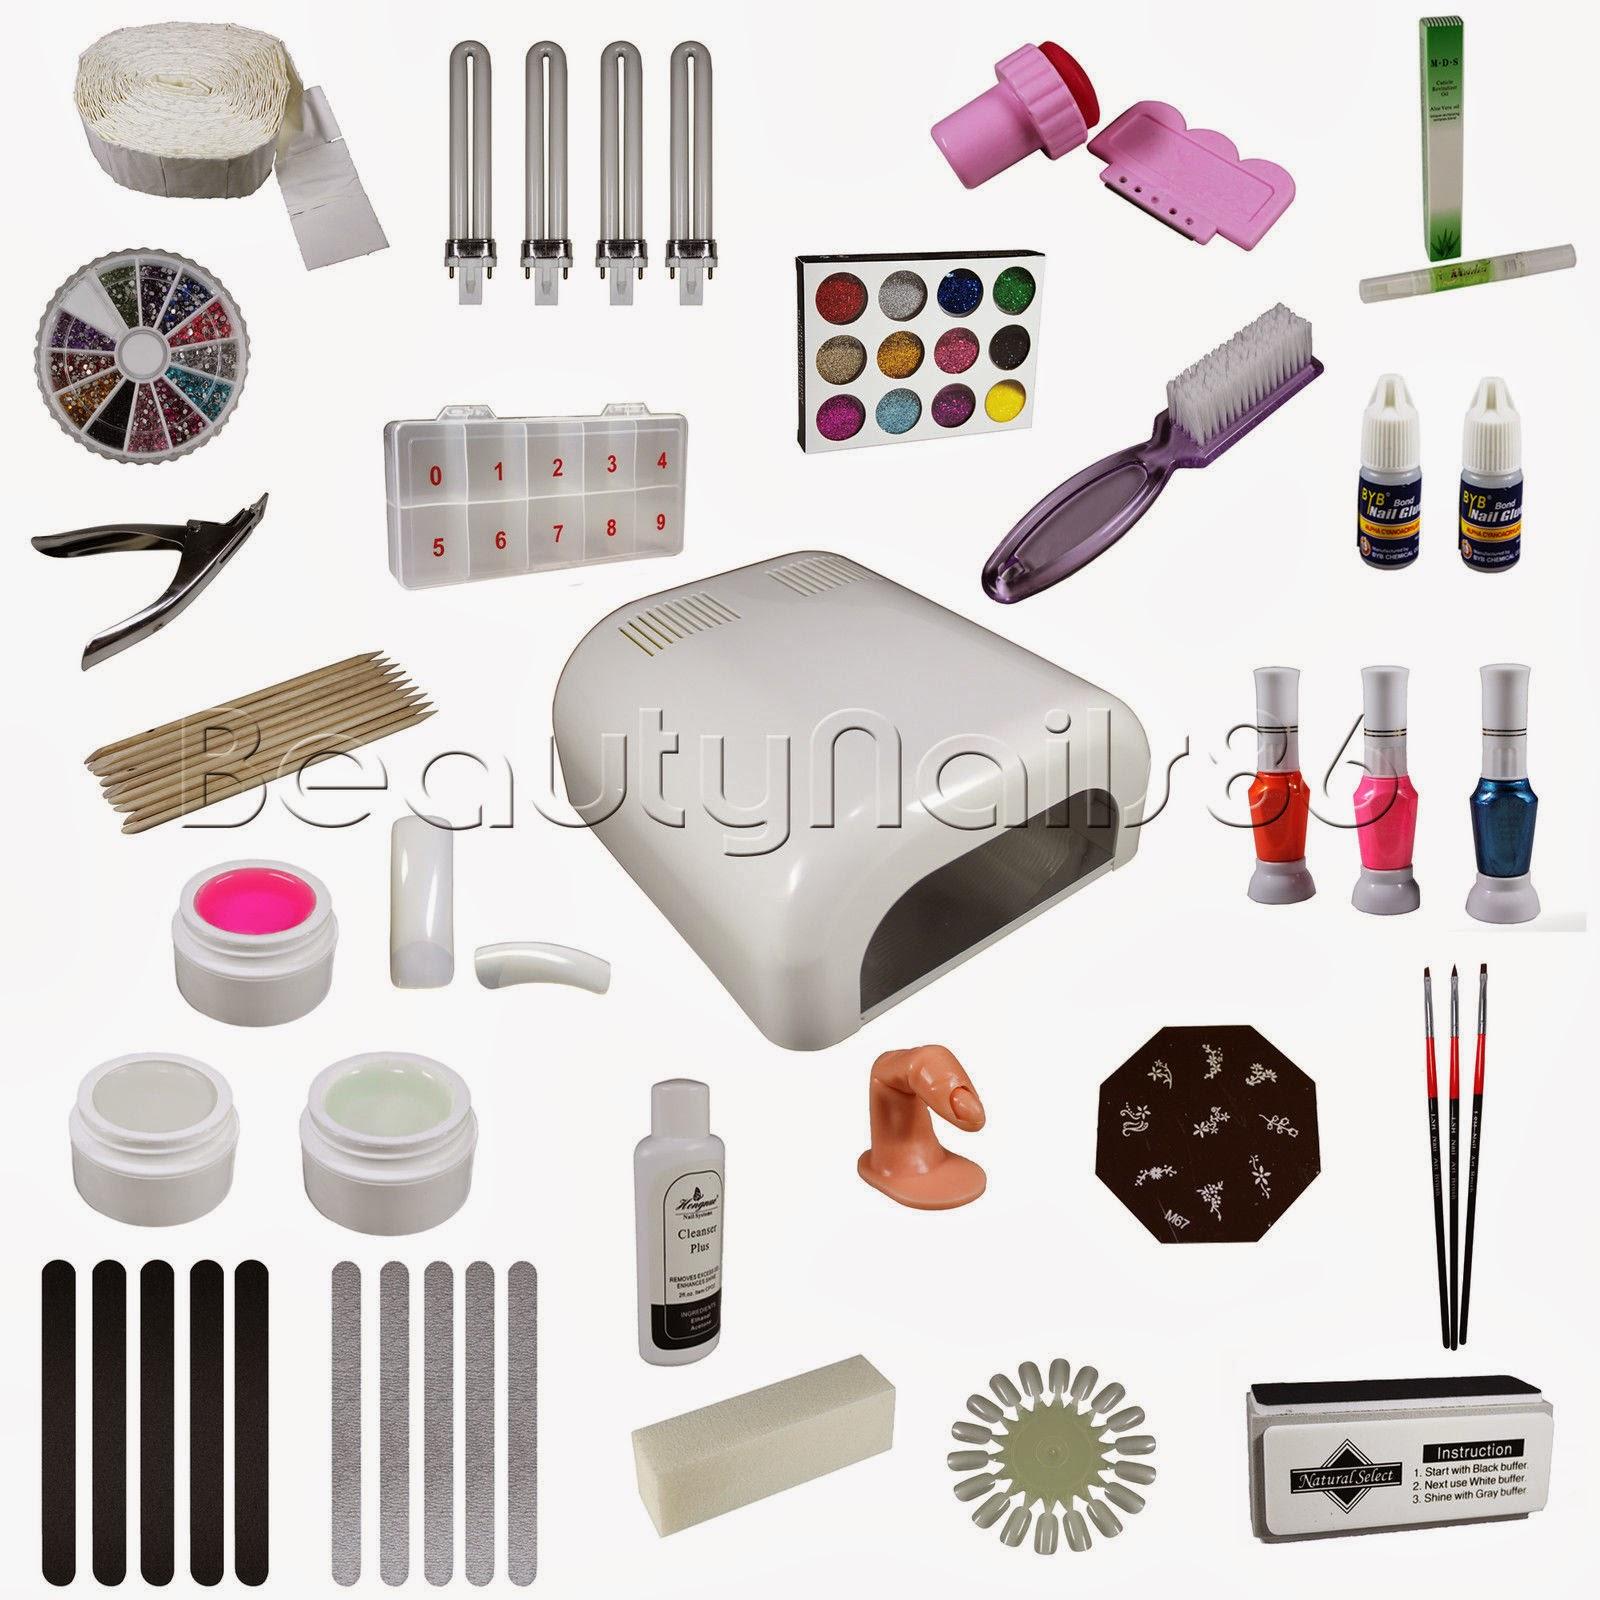 http://www.ebay.de/itm/151187296738?ssPageName=STRK:MEWNX:IT&_trksid=p3984.m1439.l2649